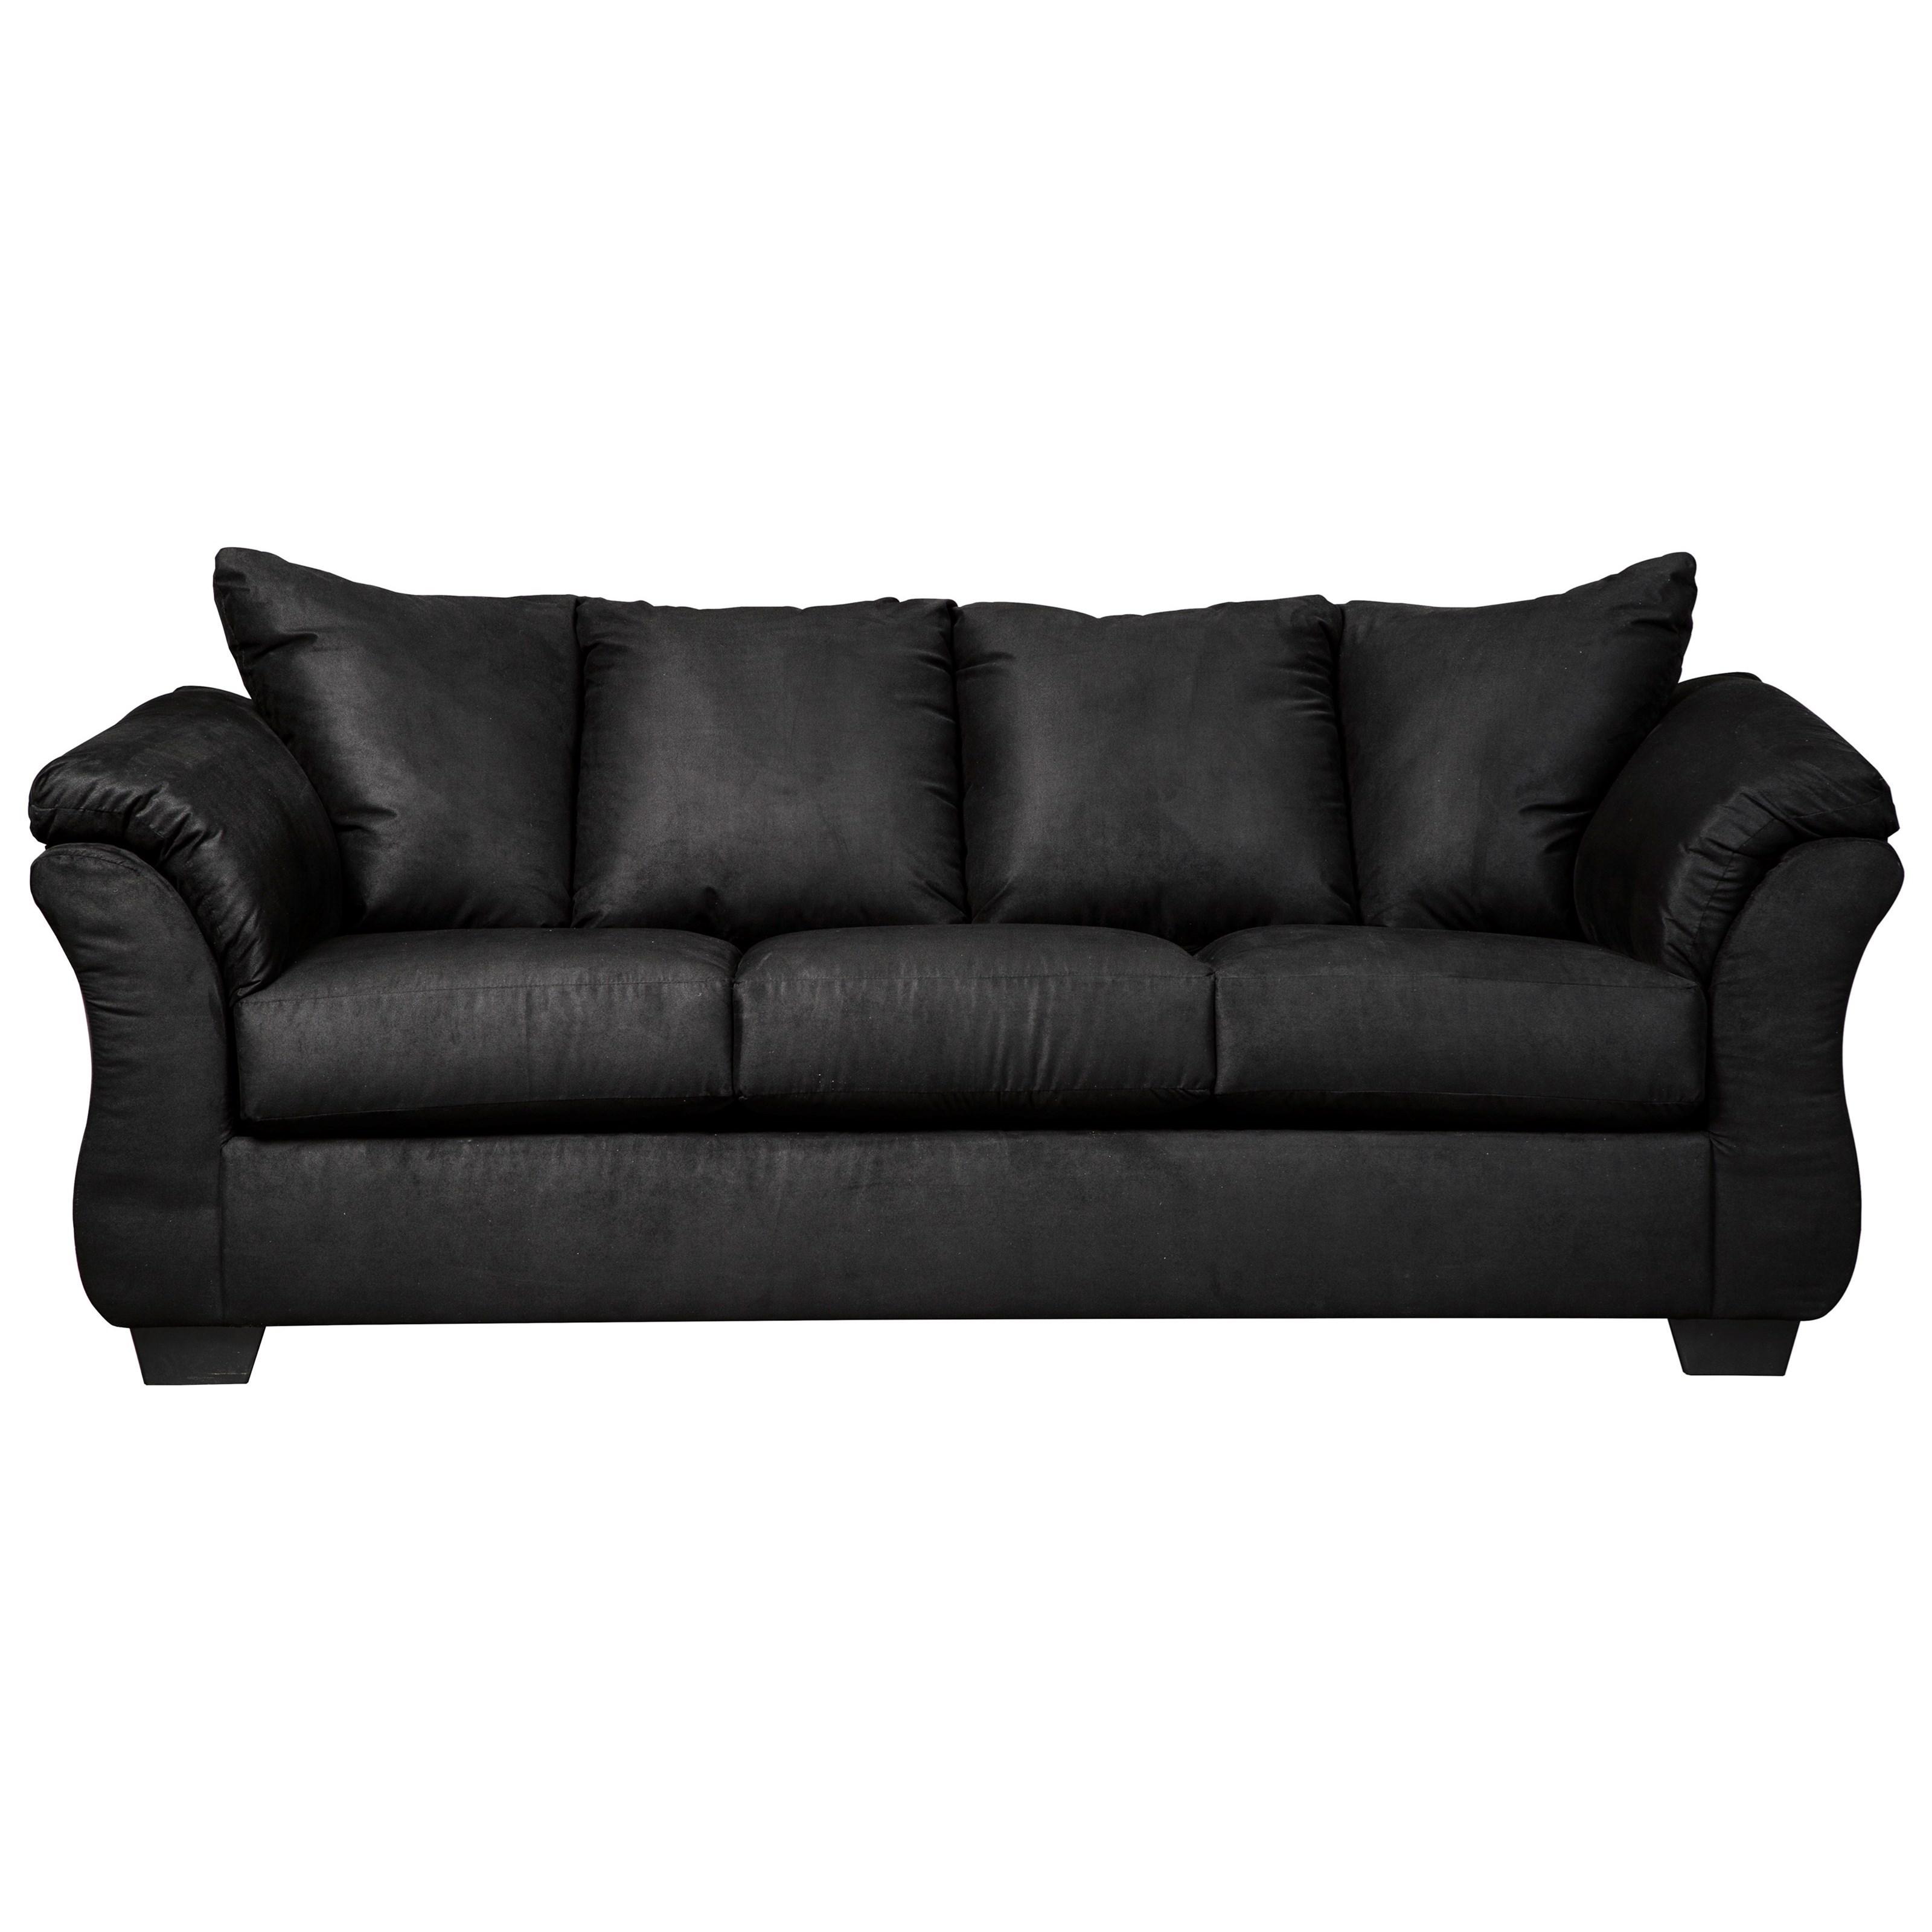 Signature Design By Ashley Darcy   BlackStationary Sofa ...